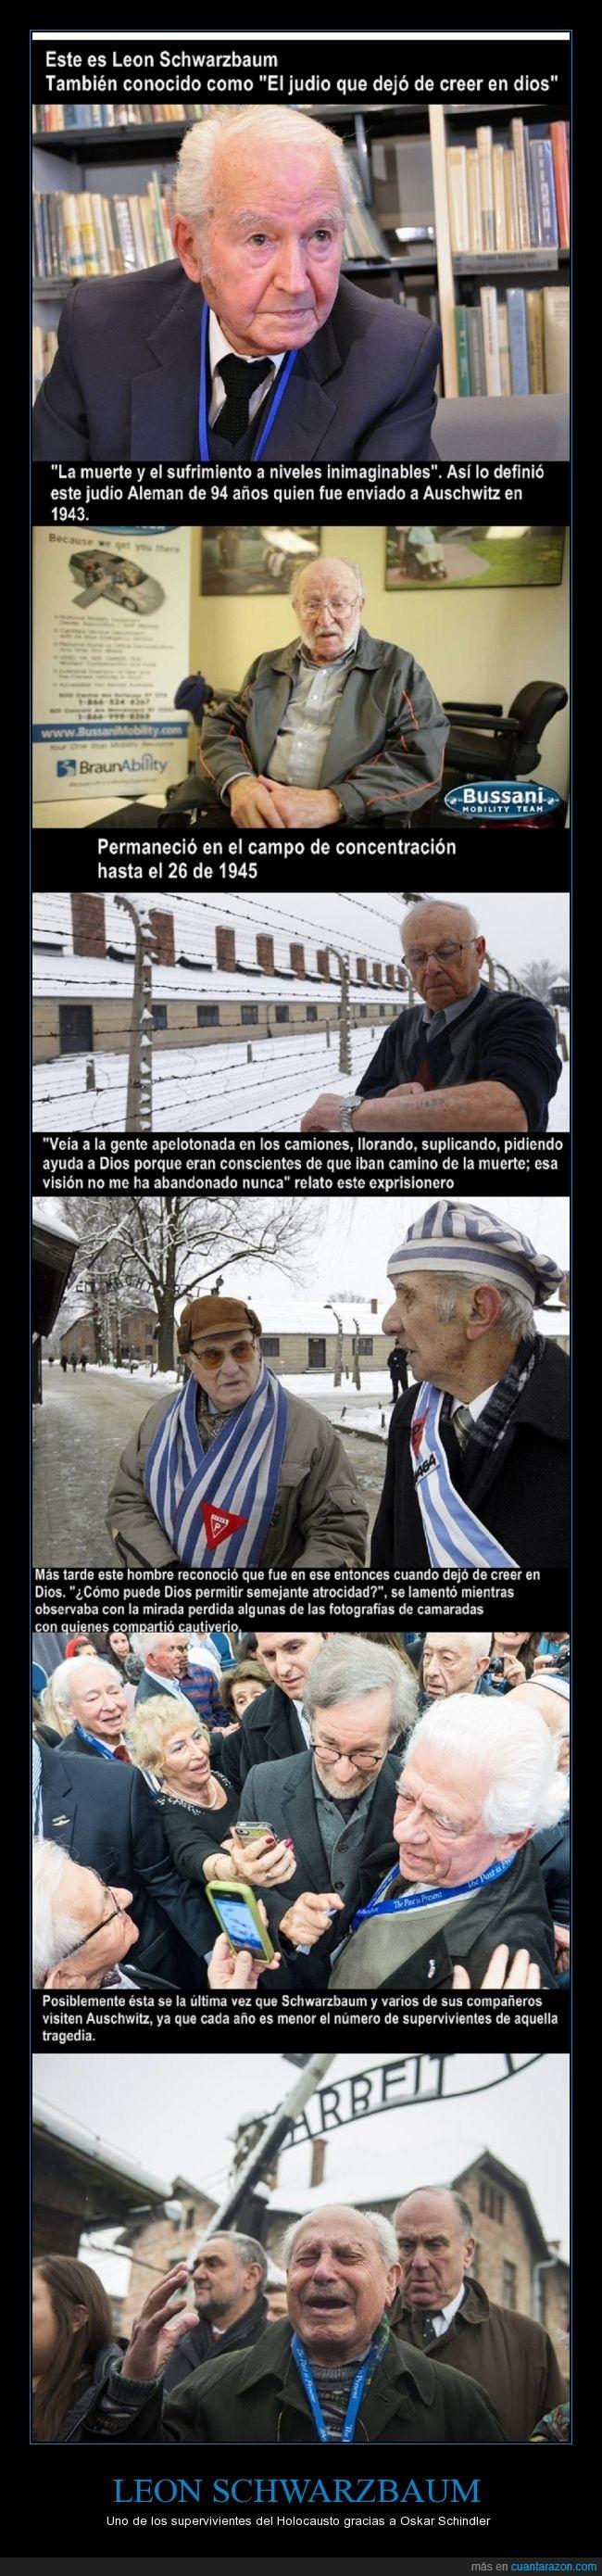 Auschwitz,campo,concentración,Holocausto,Leon Schwarzbaum,nazi,nazismo,Oskar Schindler,Superviviente